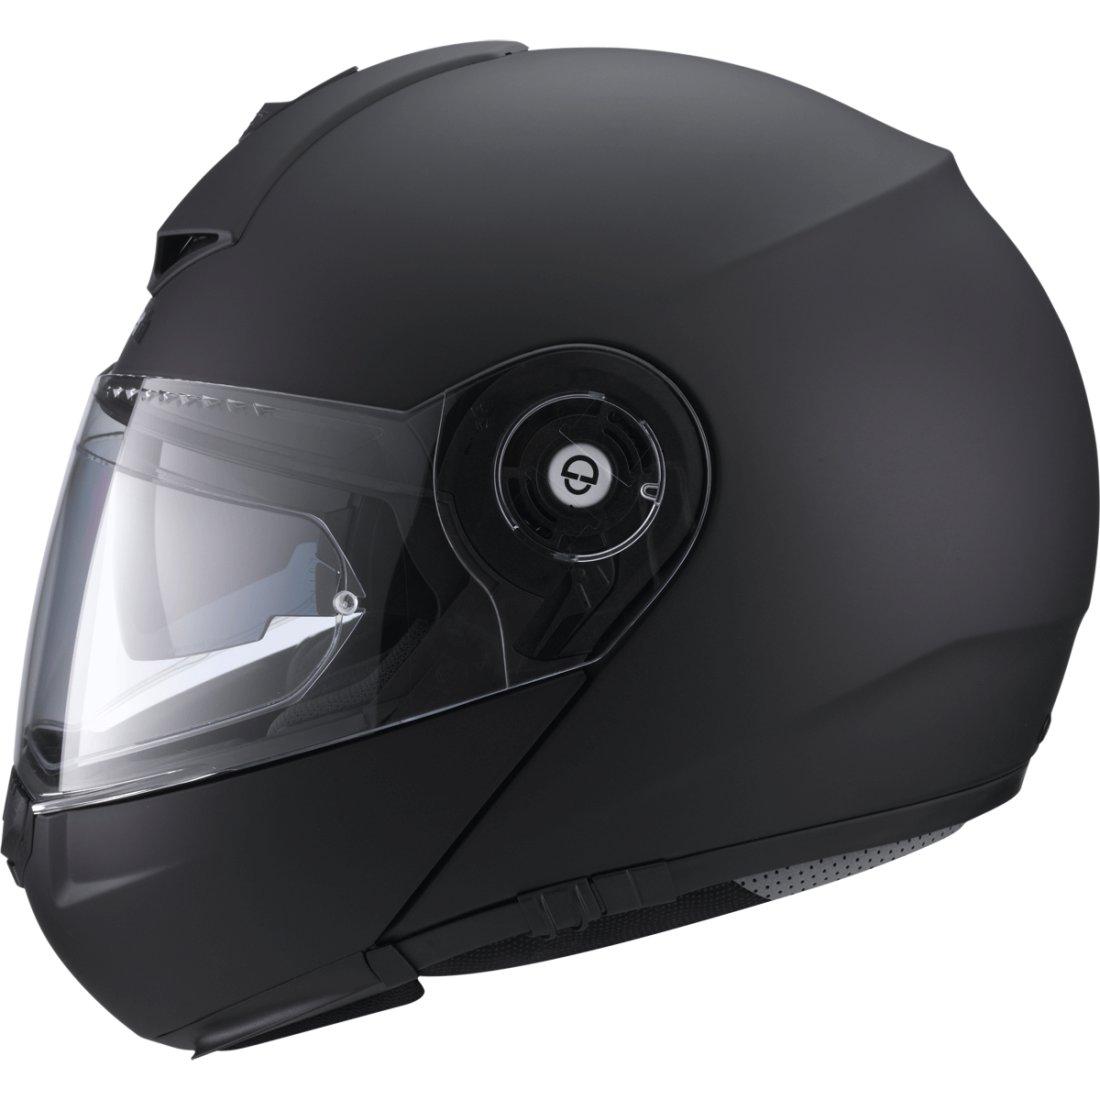 2f49d6f3b58d5 SCHUBERTH C3 Pro Matt Black Helmet · Motocard